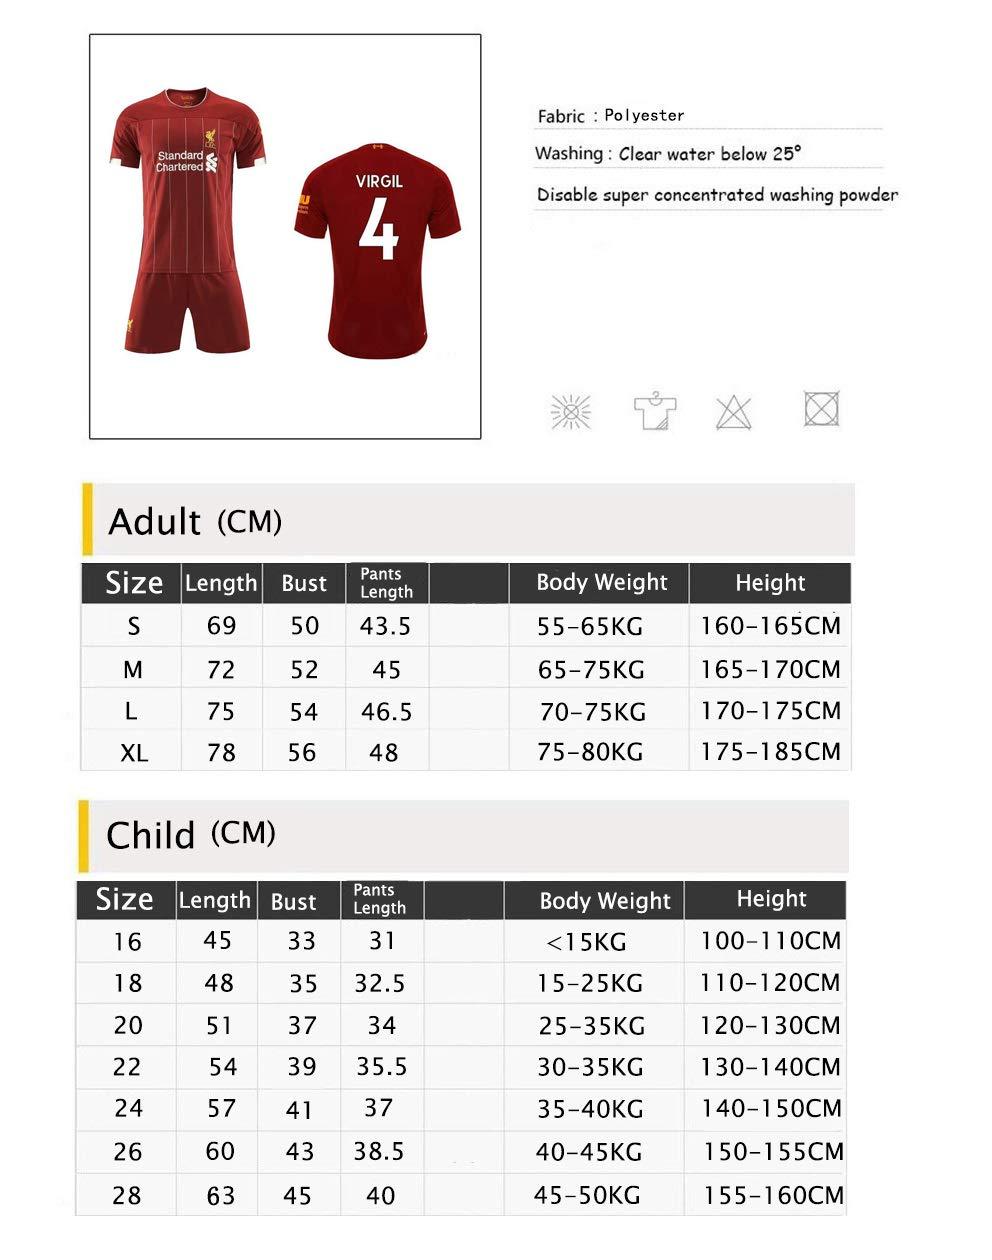 LLMM Maglia Maglia da Calcio Maglia Liverpool Football Club 4//9//10//11# Jersey Adulto Tuta da Bambino Manica Corta Pantaloncini Uniforme da Calcio,FIRMINO,16~ Child~100~110cm